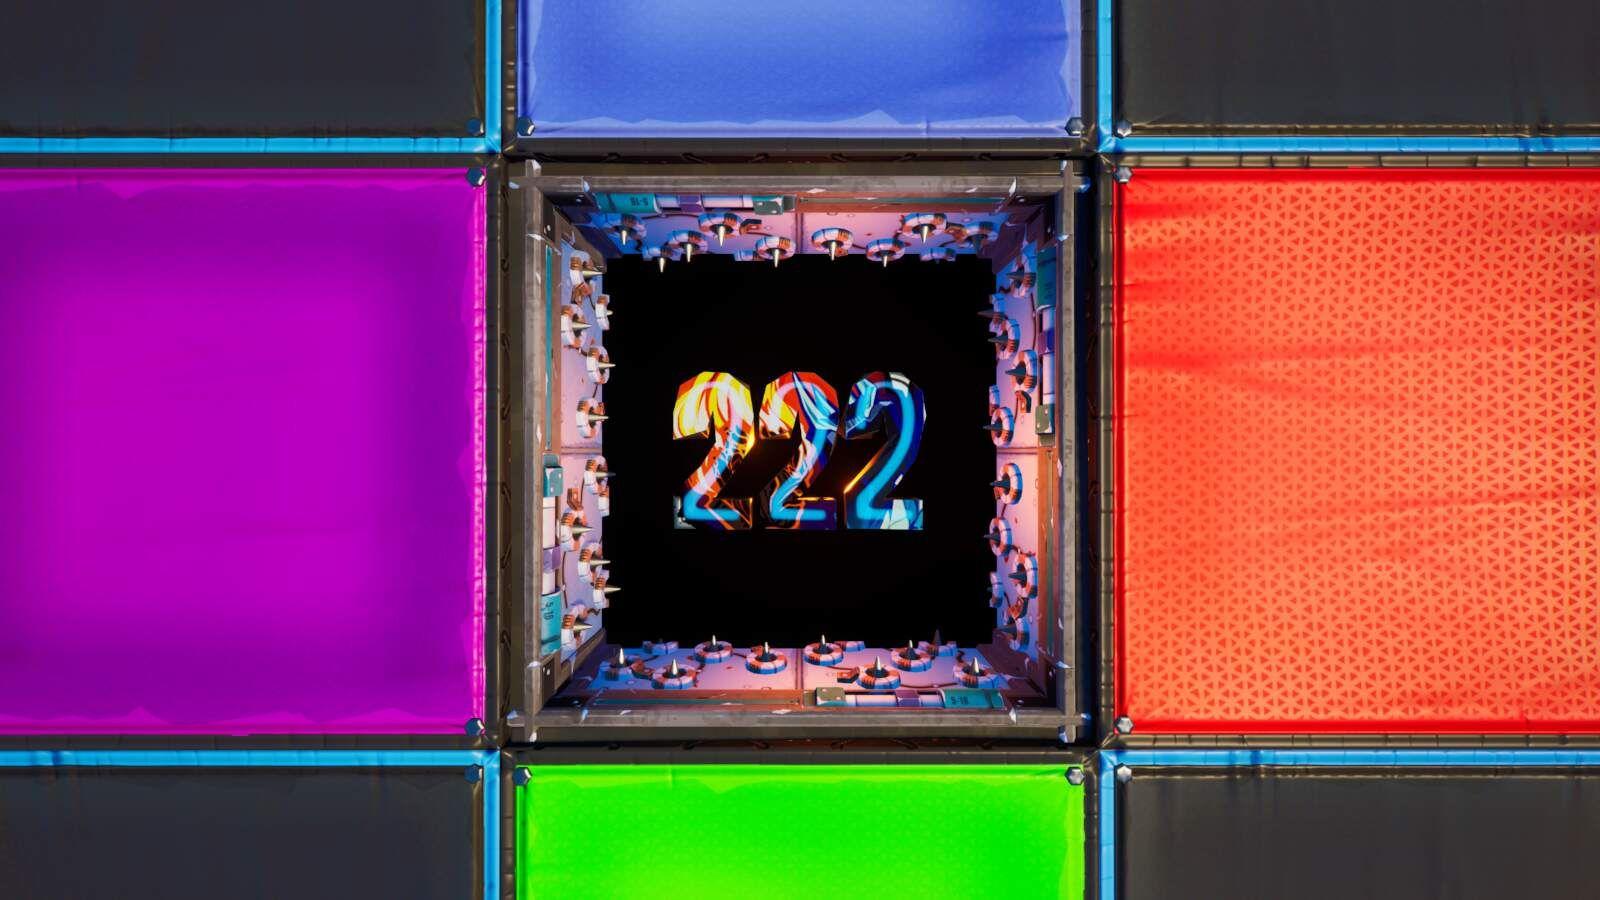 222 Levels Default Deathrun 🎮 1998-5575-0034 by ngu-old